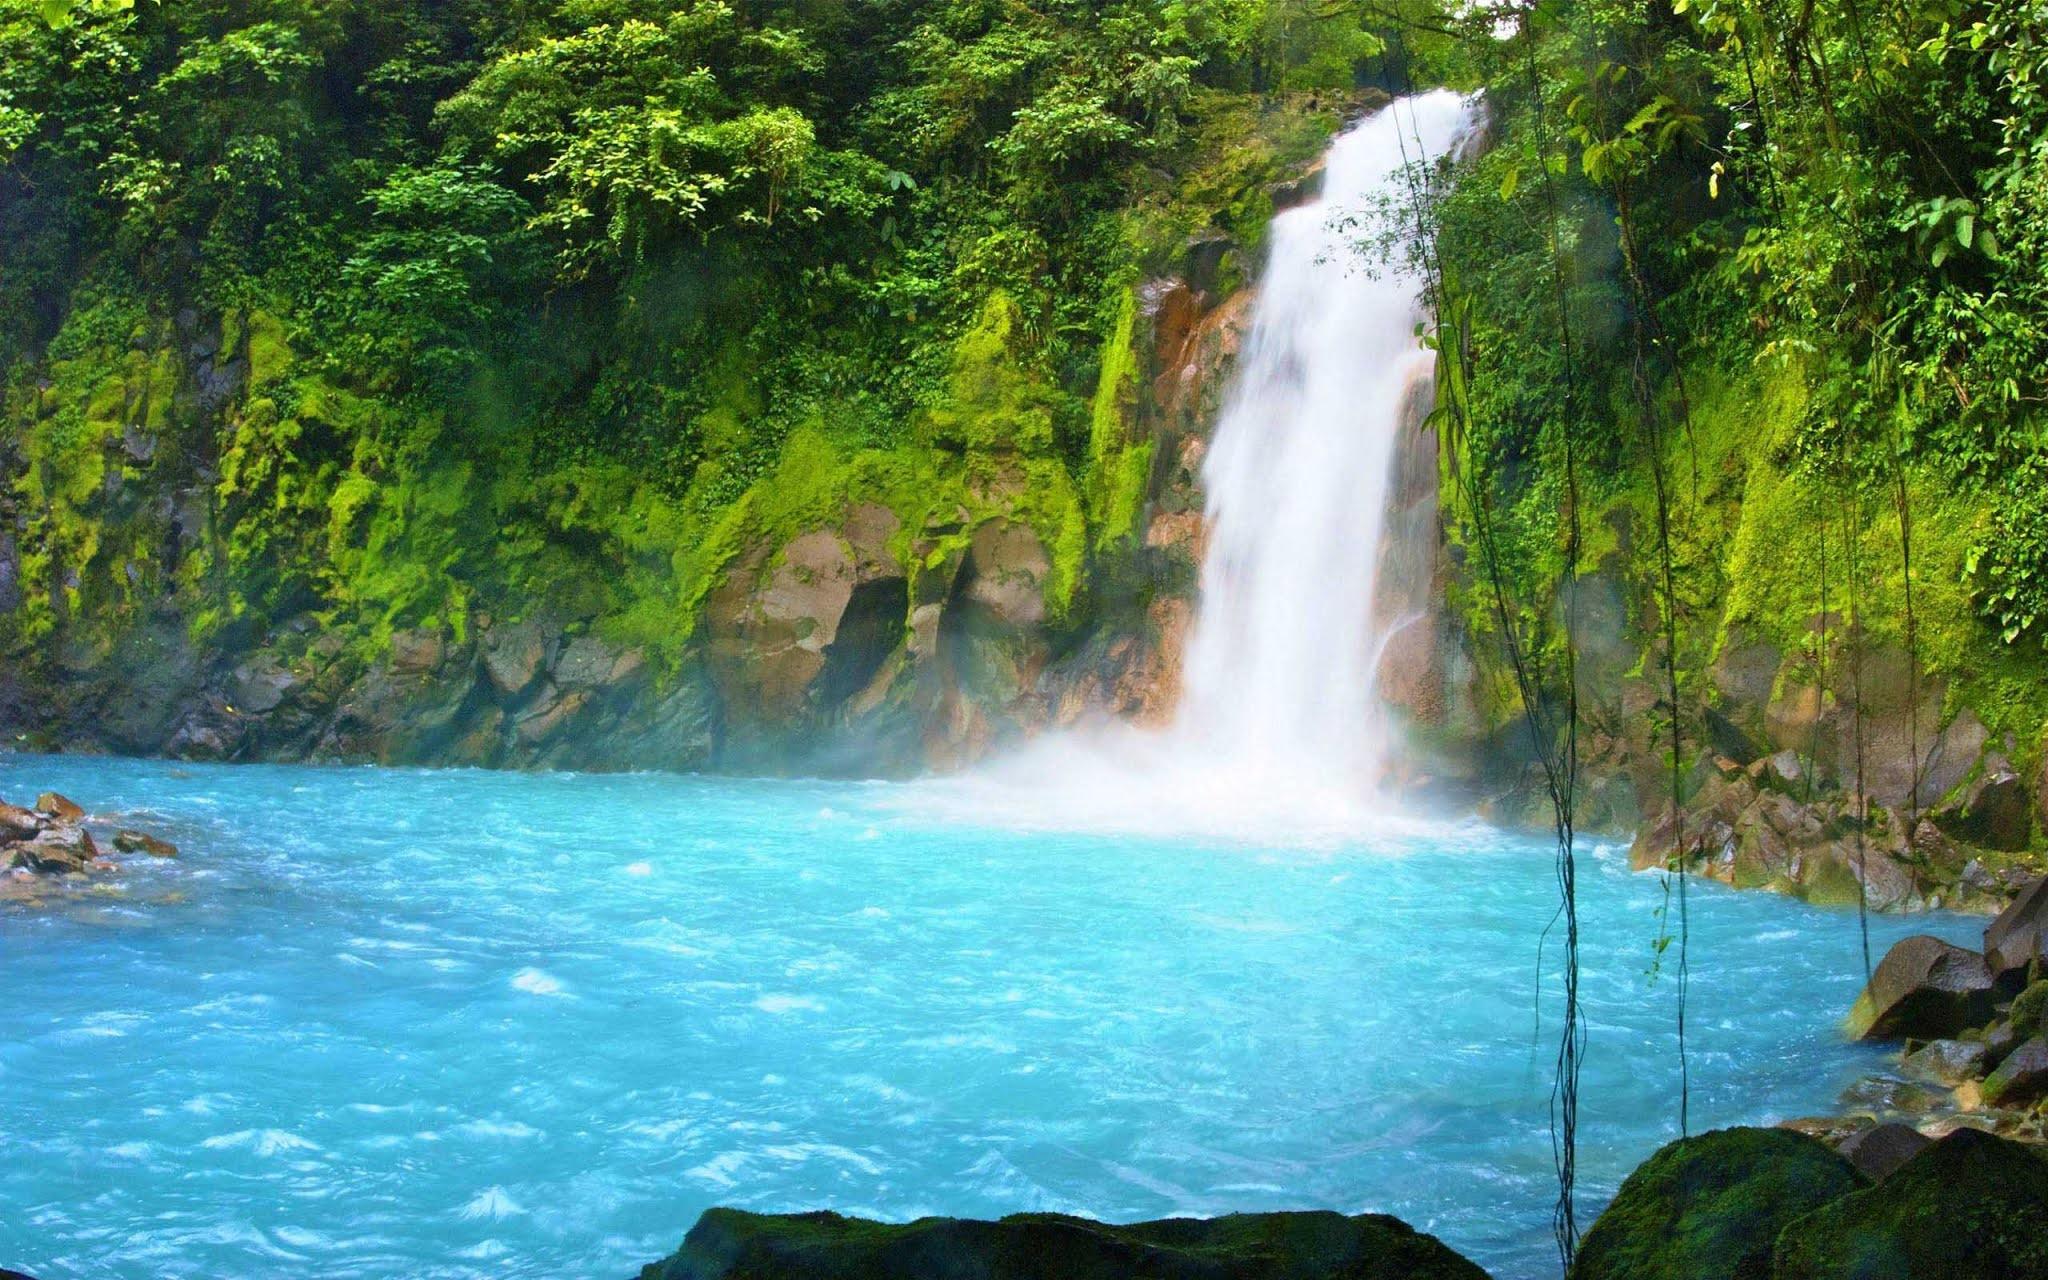 Водопад в заповеднике Кюри Канча в Монтеверде, Коста-Рика